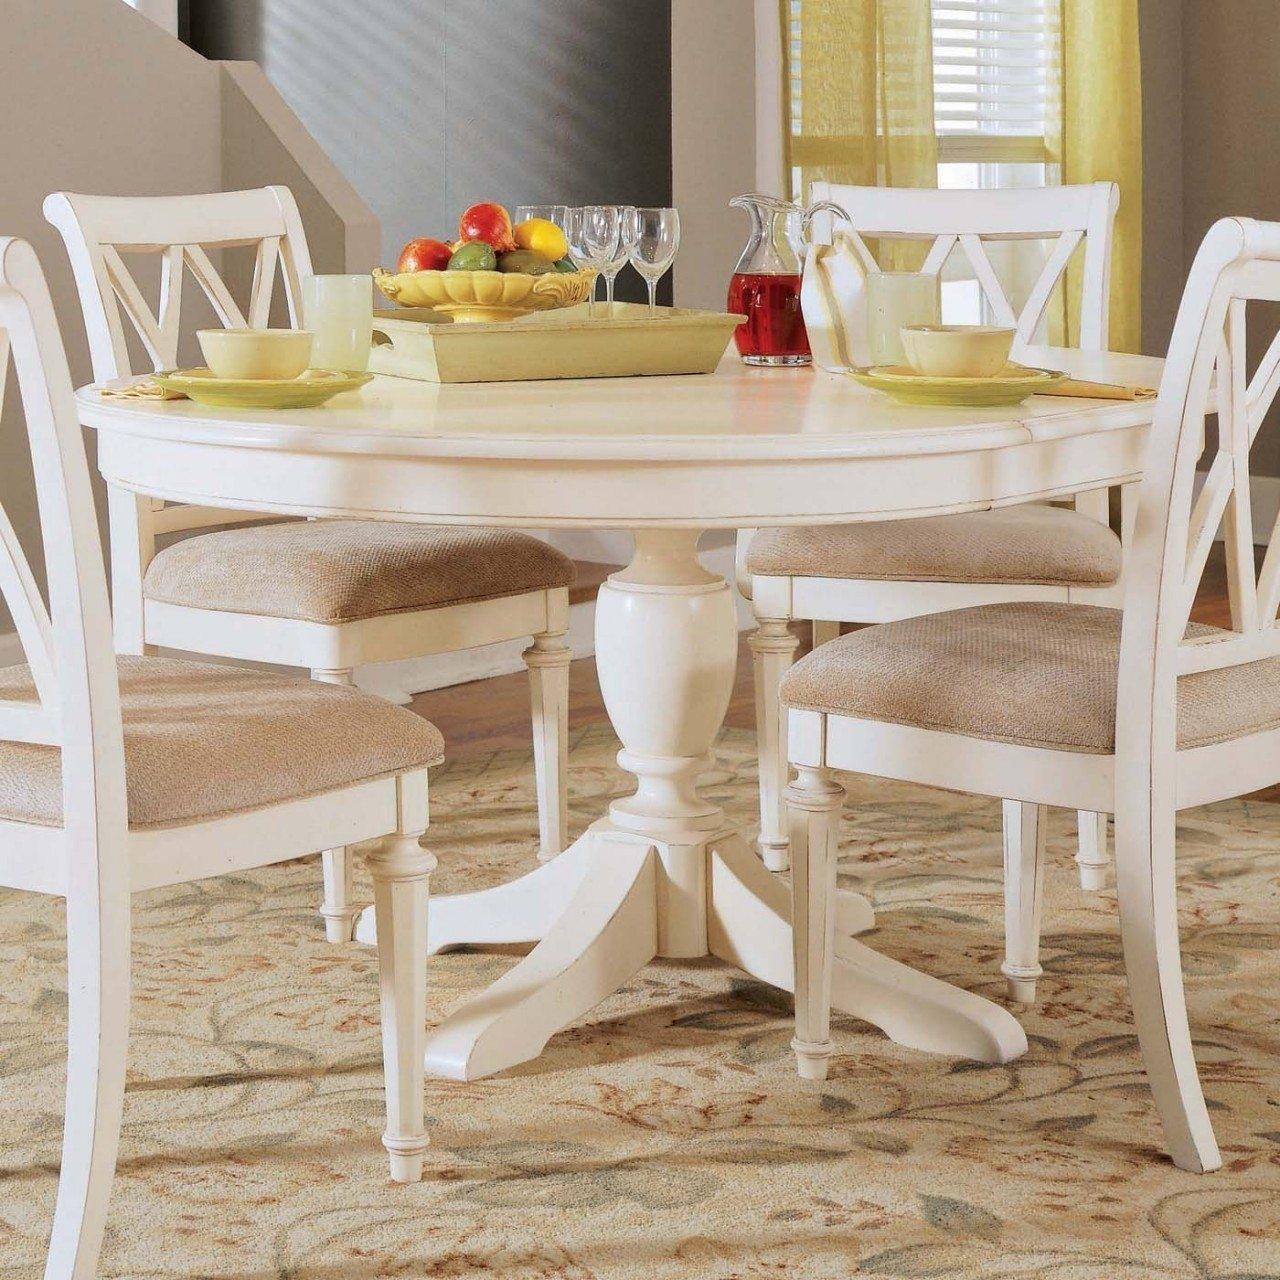 ikea-round-spisebord-er-også-a-kind-of-hvid-spisebord-og-stole-ikea-engle